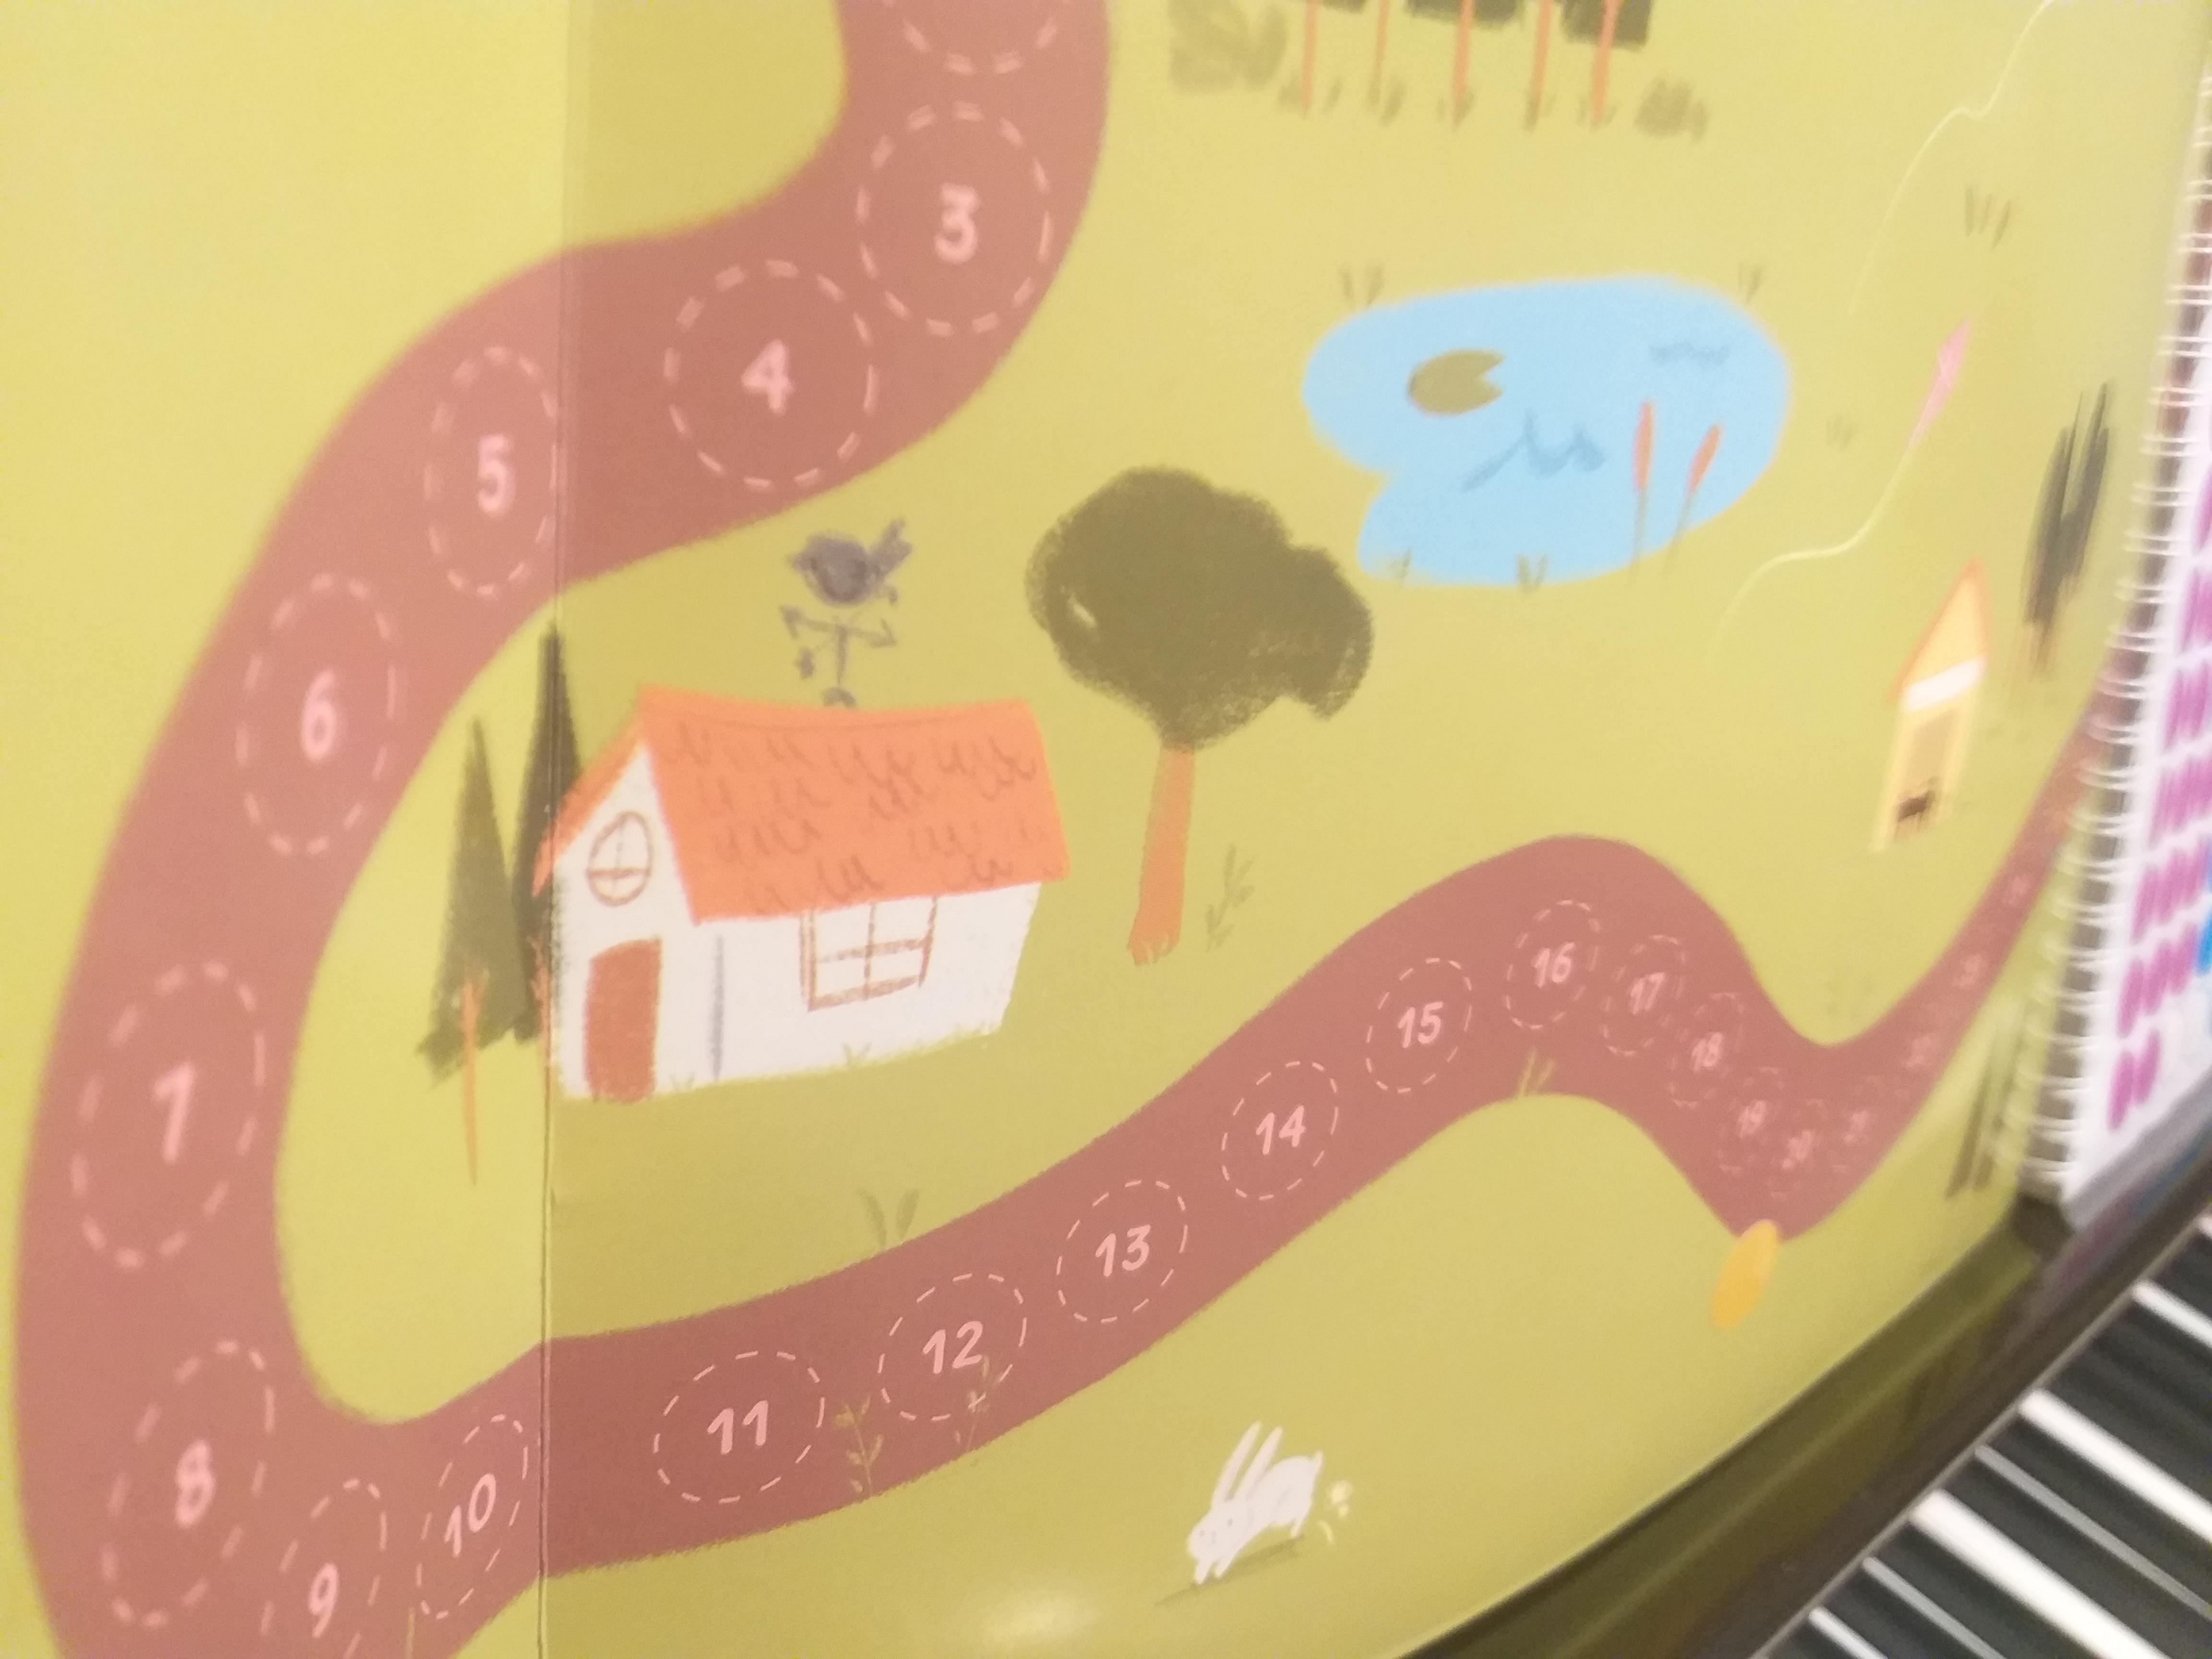 gameficação aulas de piano onde comprar o livro amigos do piano na Loja Mineira do Musico (32) 988559211 Luciane Borges